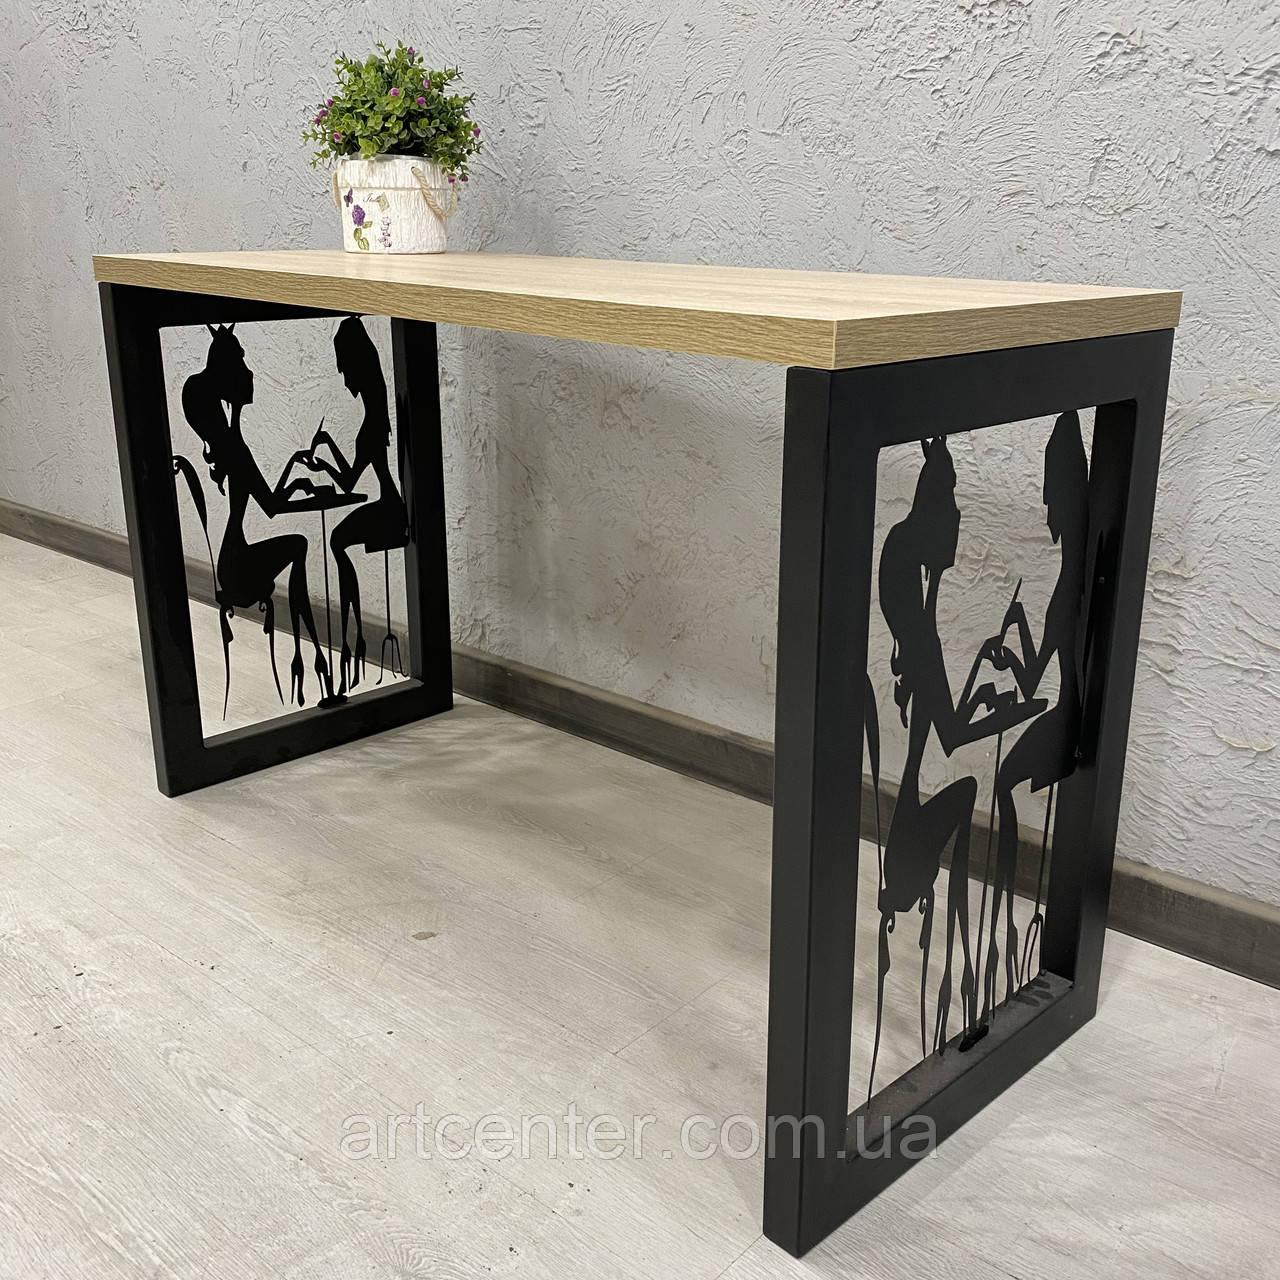 """Манікюрний стіл """"Лофт"""" для двох майстрів"""